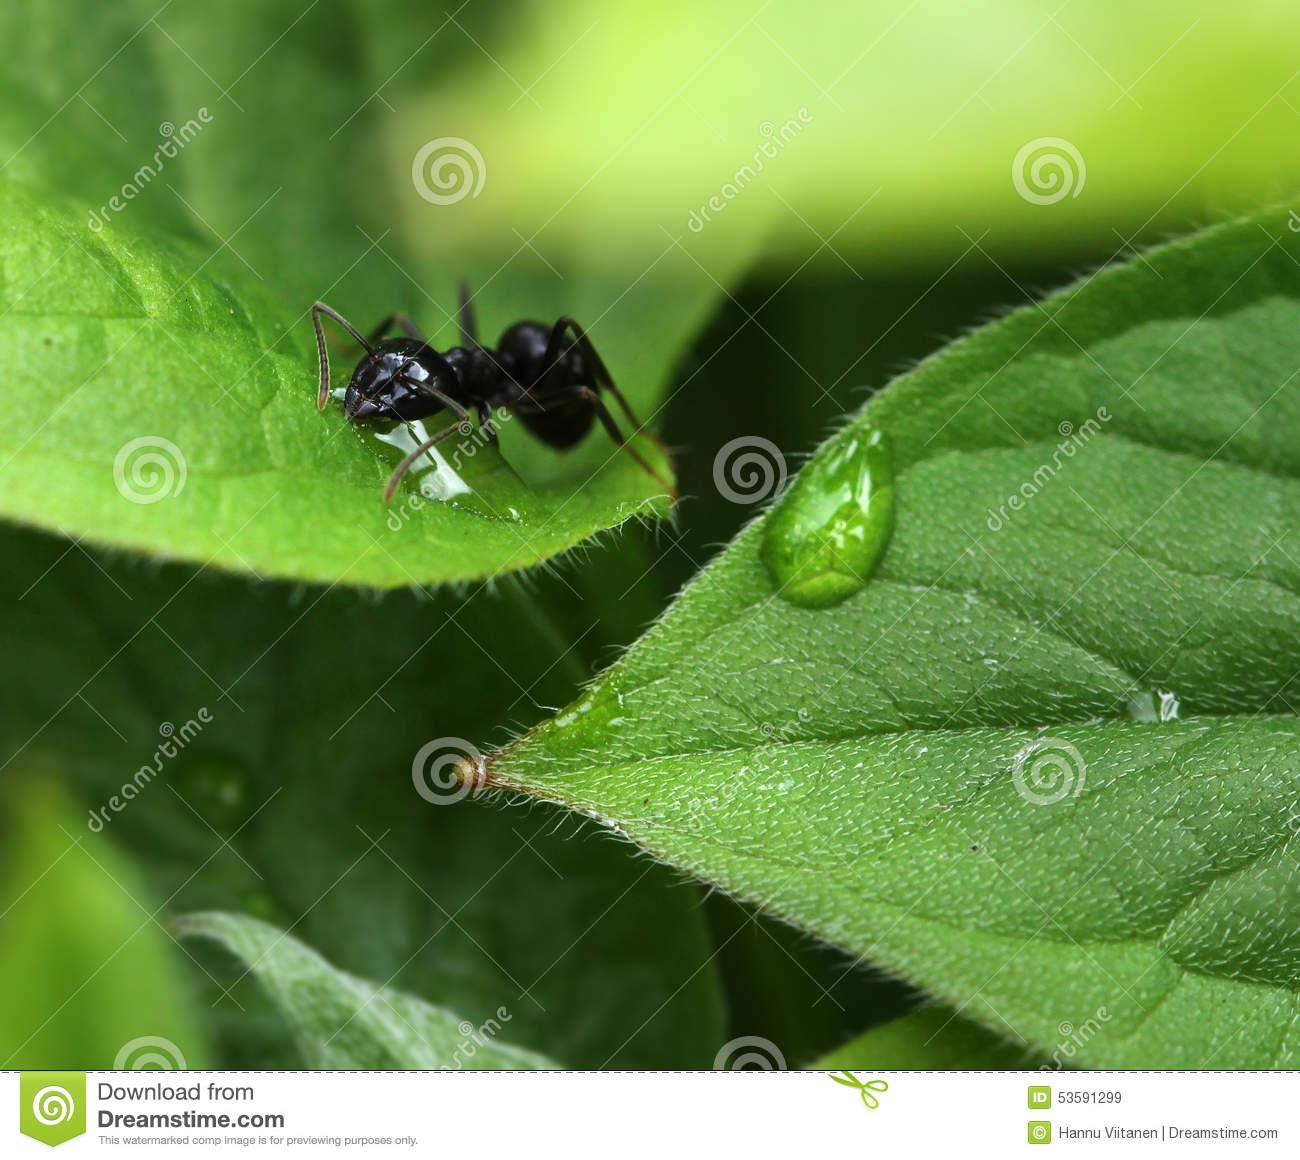 Ant Among Moist Green Garden Leaves Stock Photo.